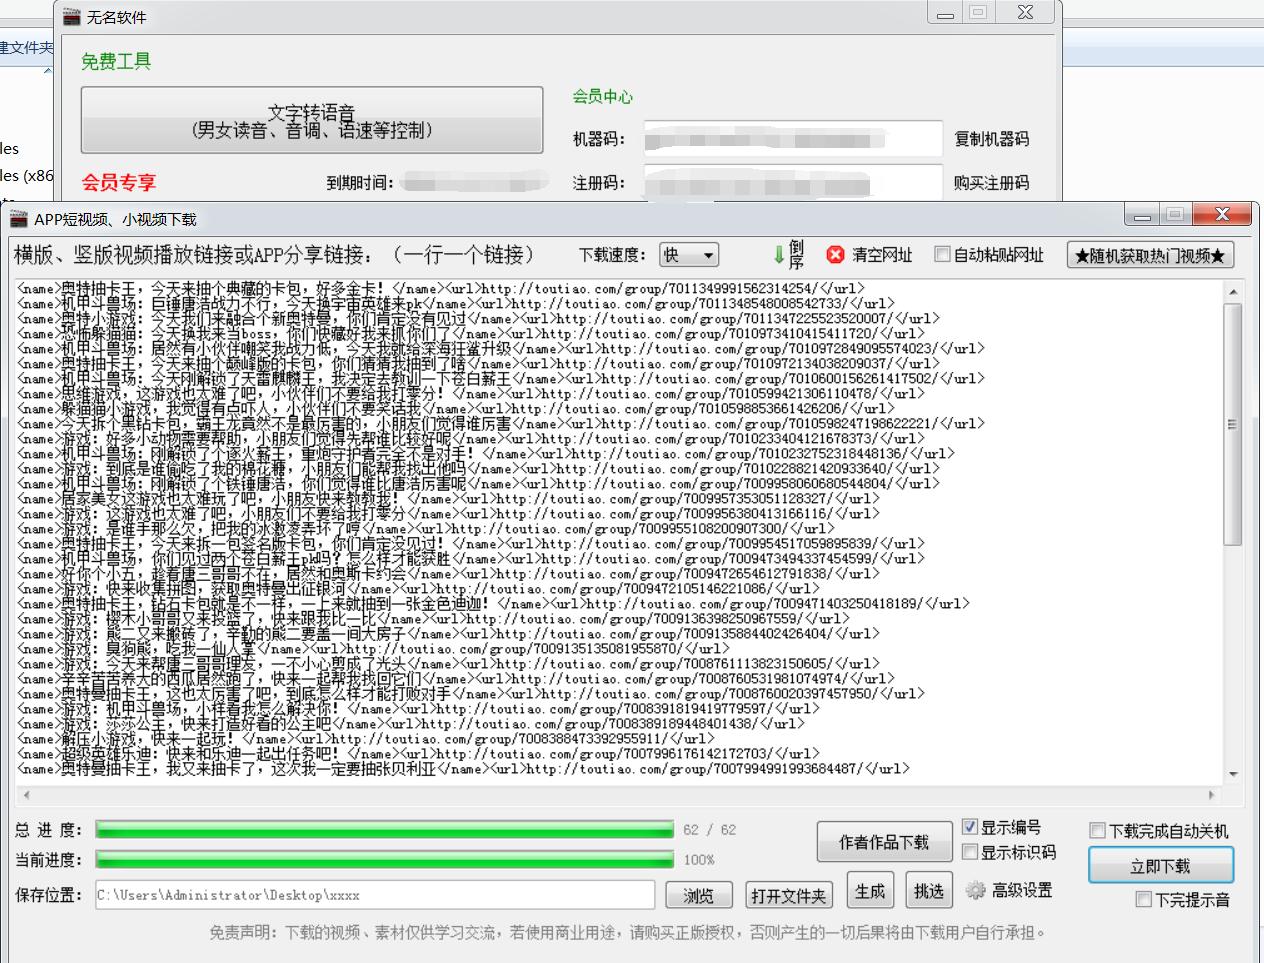 短视频下载高手破解版,短视频下载助手支持N多平台